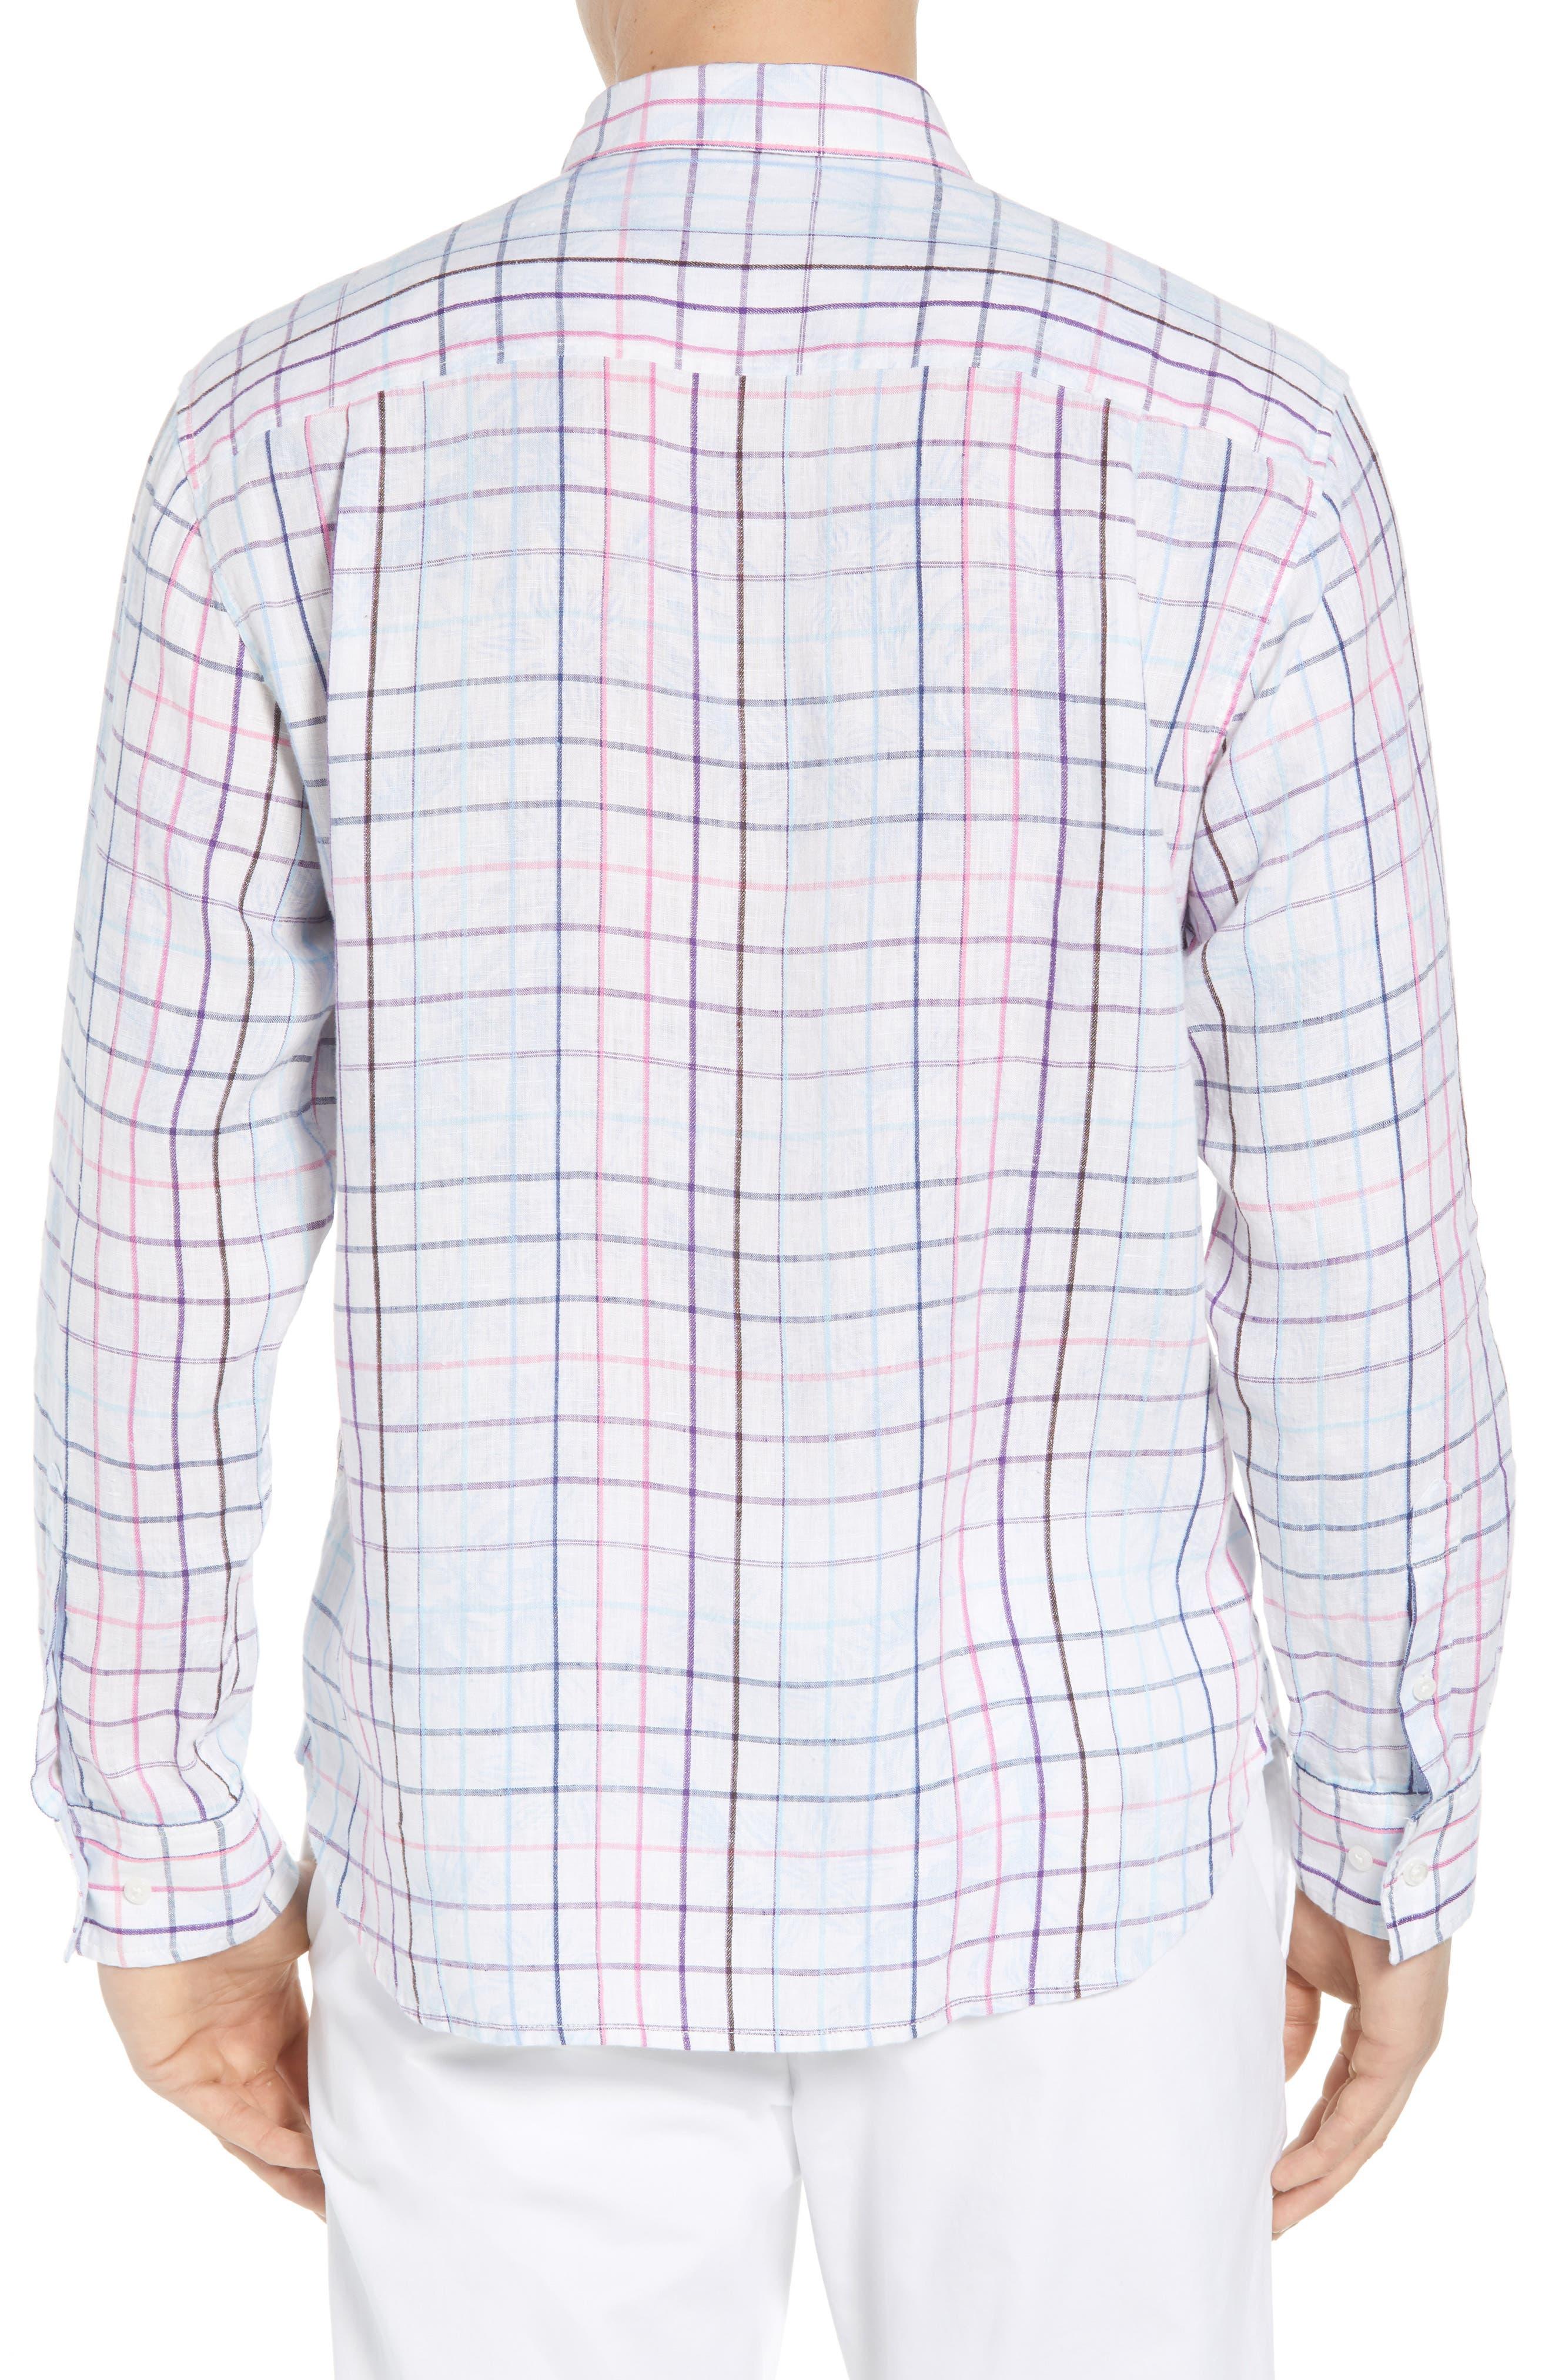 Tulum Terrace Check Linen Sport Shirt,                             Alternate thumbnail 2, color,                             BOWTIE BLUE